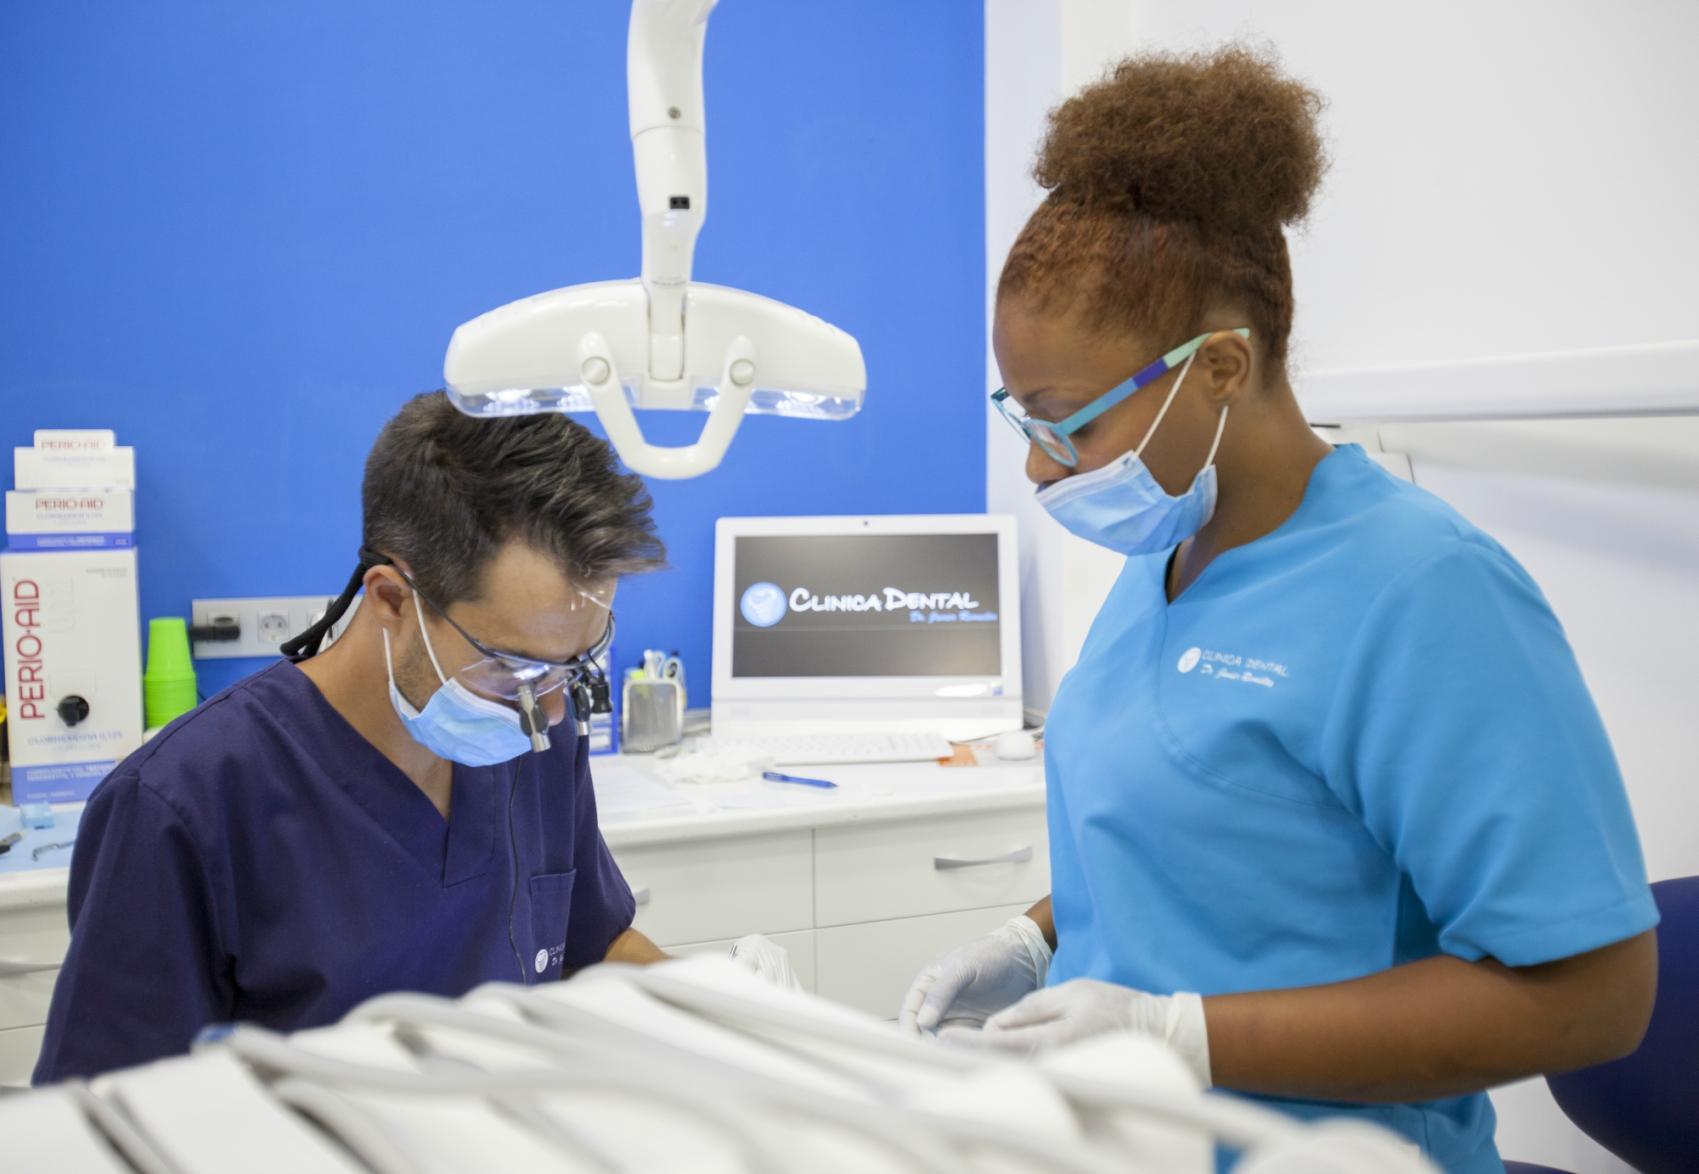 Clinica dental javier revuelta